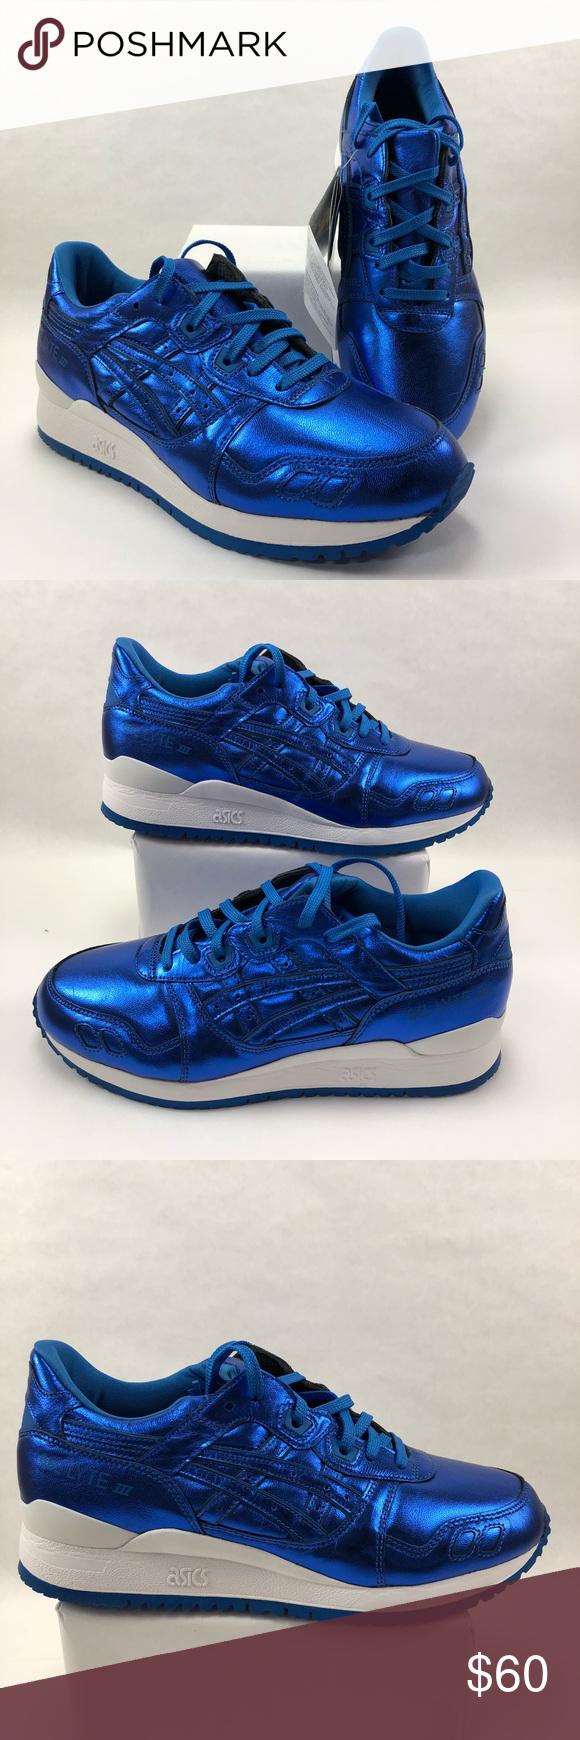 Chaussures NWT 10073 ASICS GEL Lyte | III RUNNING Femmes Bleu NWT | 8a36eb3 - pandorajewelrys70offclearance.website